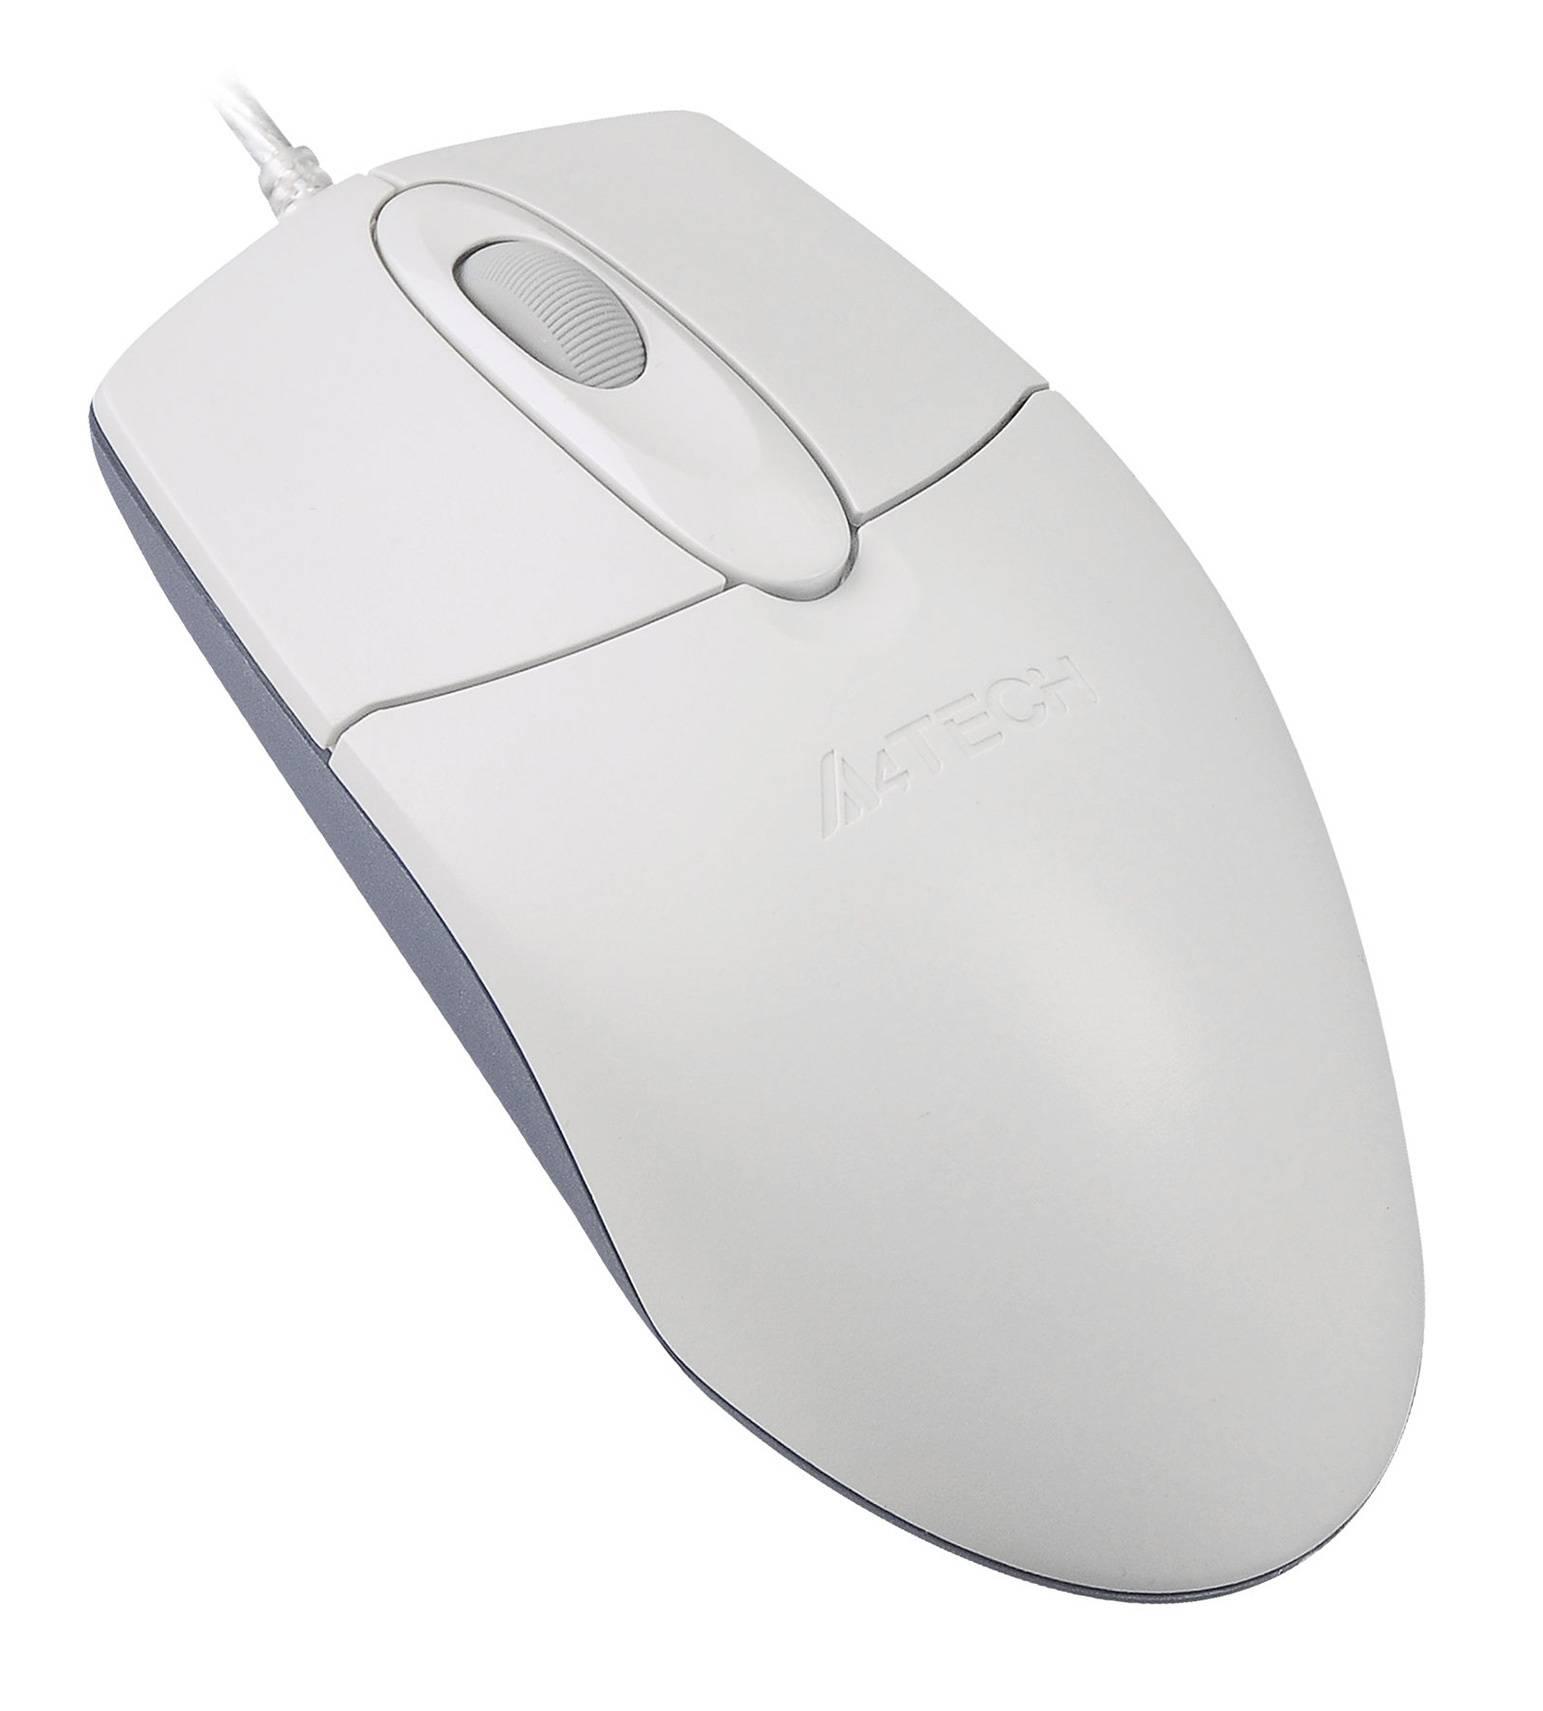 Мышь A4 OP-720 белый - фото 2